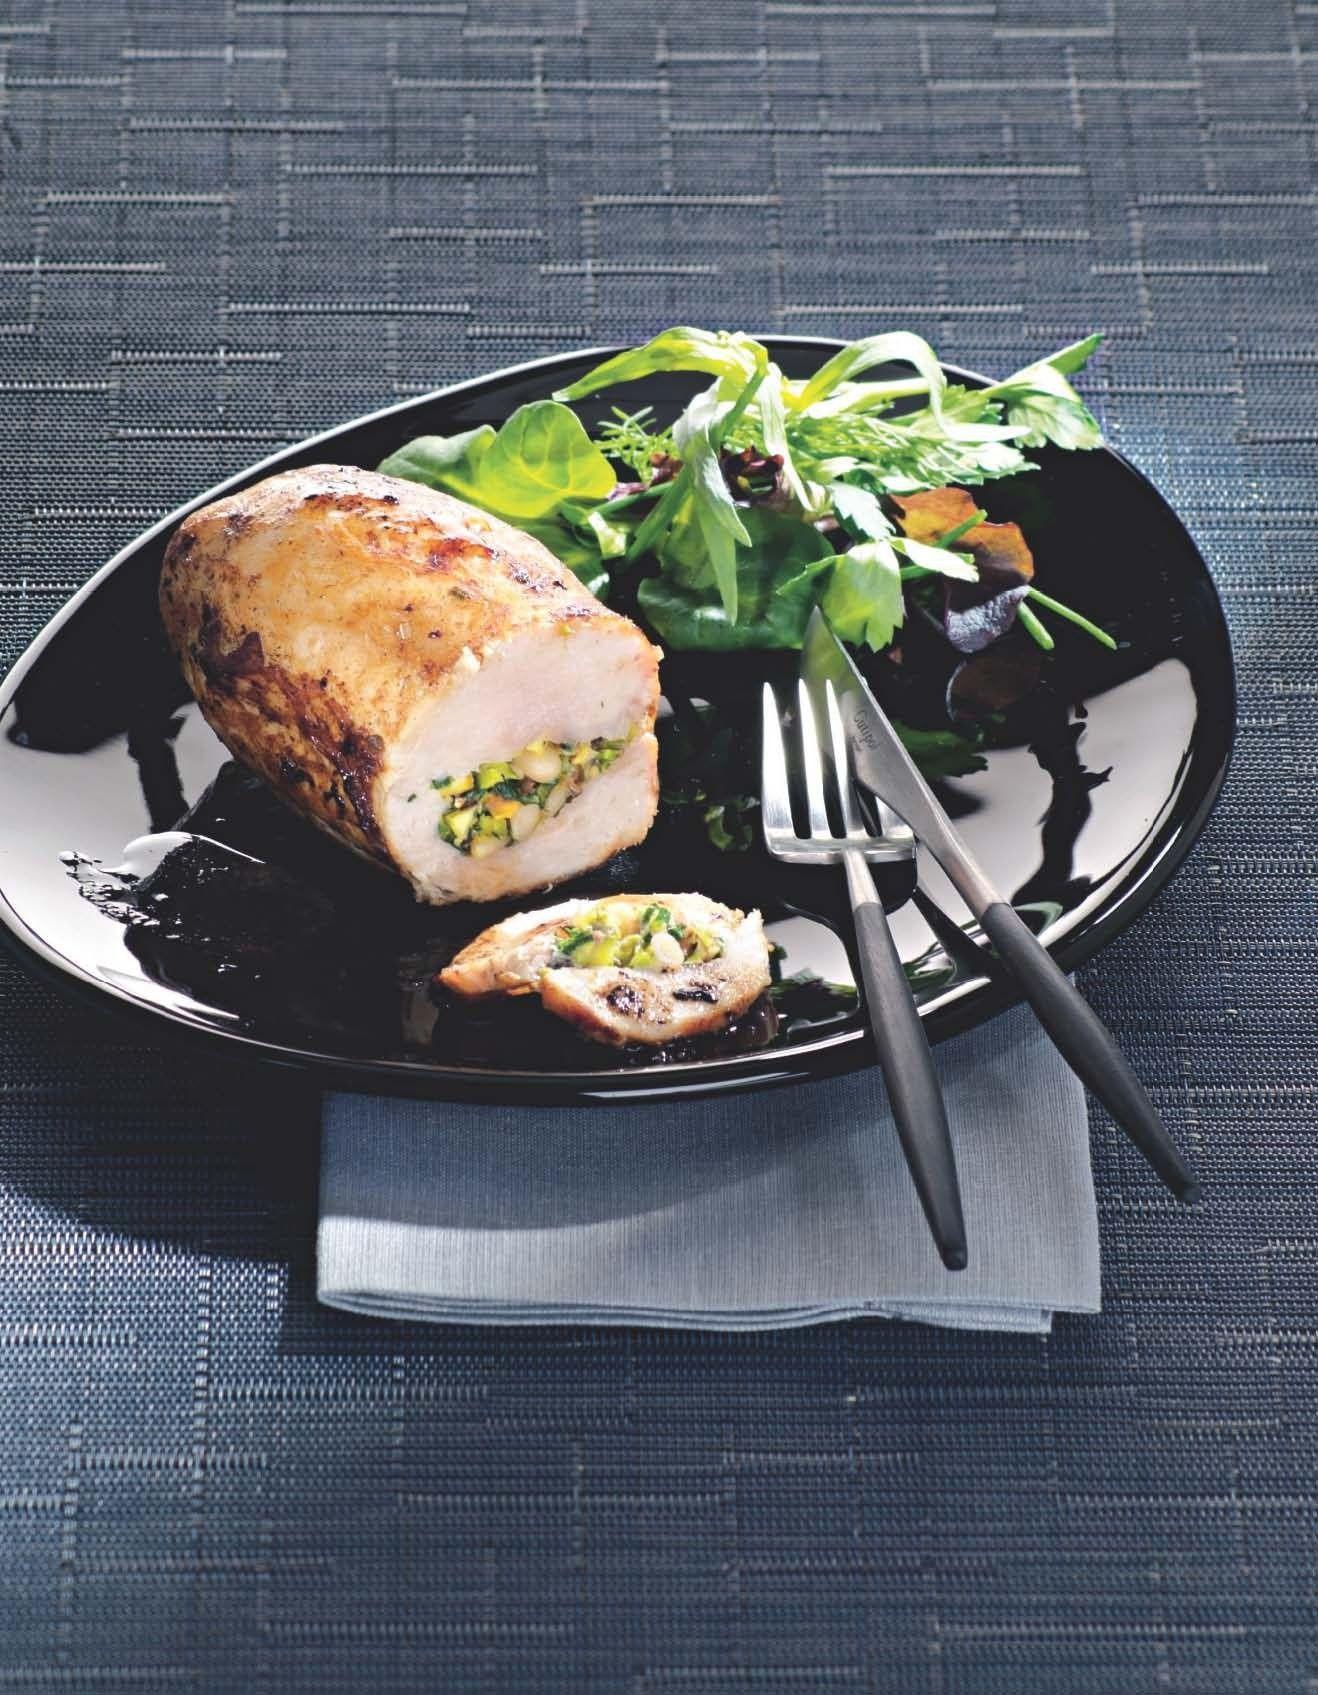 Cuisson Paupiette De Poulet : cuisson, paupiette, poulet, Paupiettes, Poulet, Pistaches, Recette, Paupiette, Poulet,